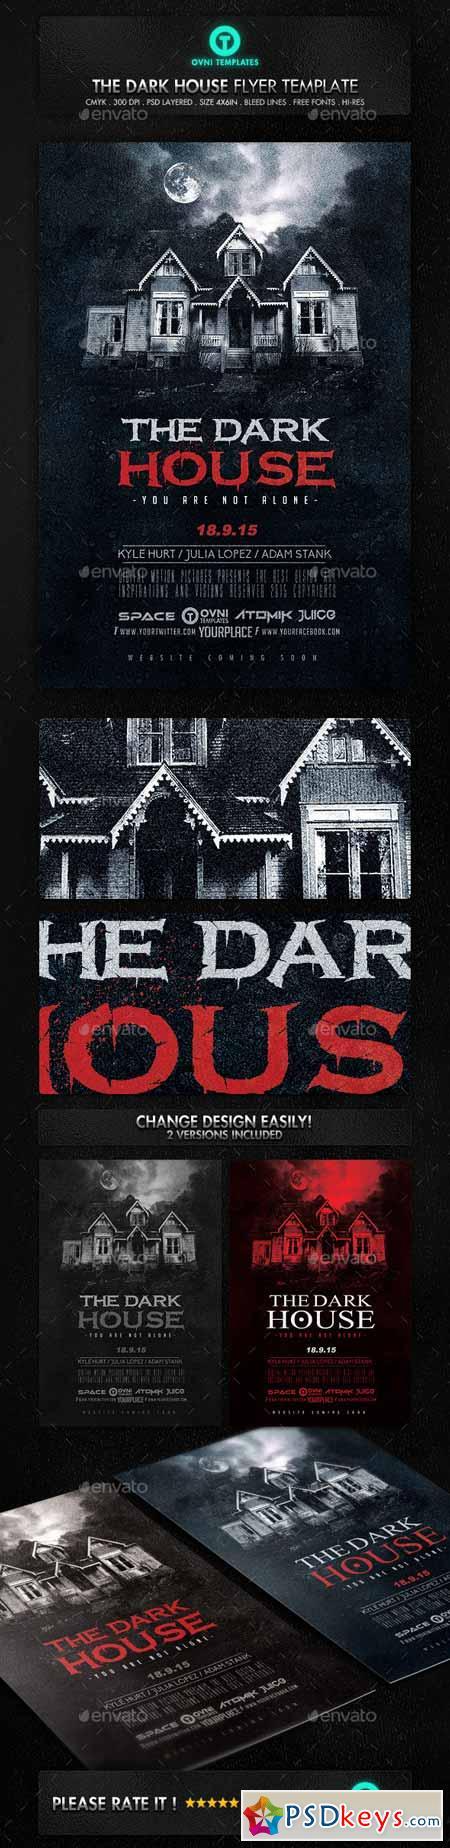 Dark Terror House Flyer Movie Poster 12935923